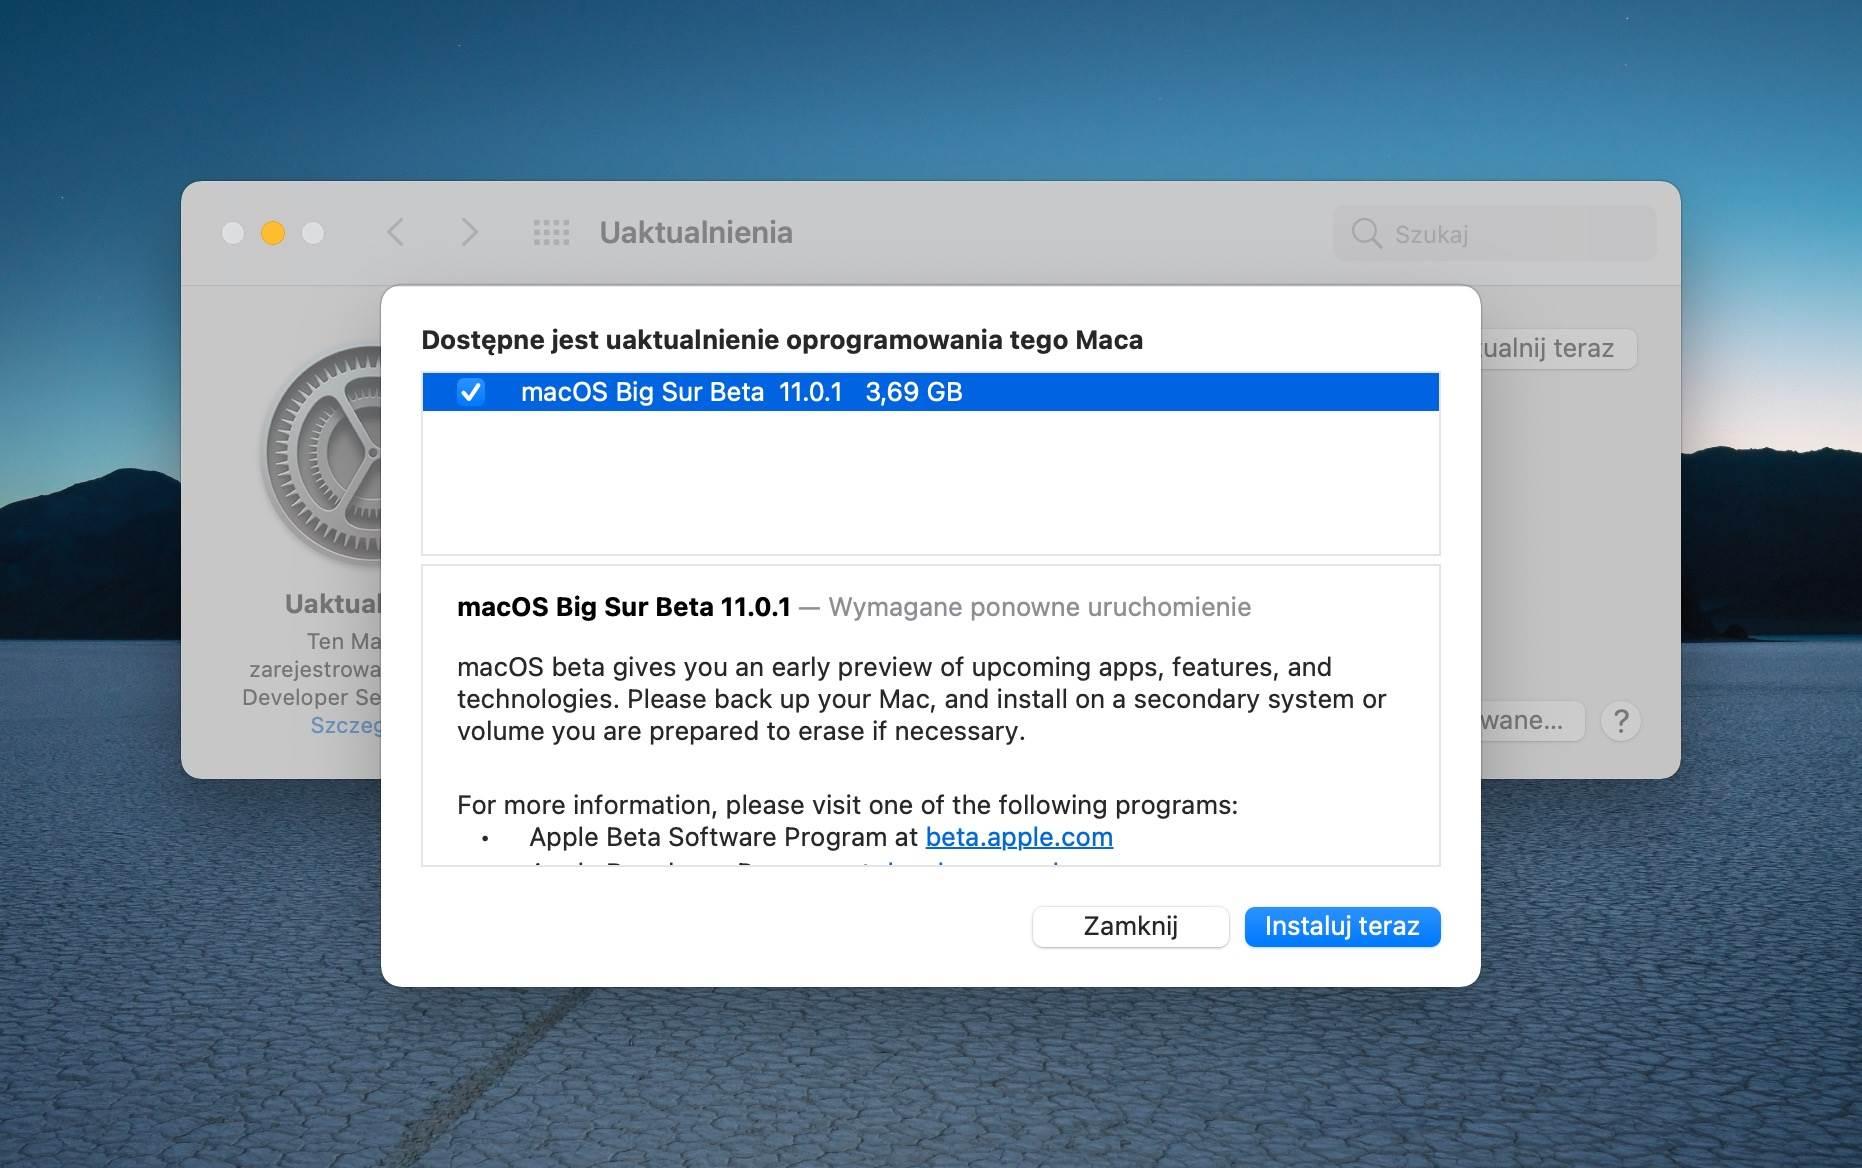 Apple udostępnia deweloperom pierwszą betę macOS 11.0.1 polecane, ciekawostki macOS Big Sur 11.0.1, lista nowosci, co nowego  Firma Apple udostępniła programistom pierwszą wersję beta najnowszego systemu macOS Big Sur 11.0.1. bigsur10.0.1